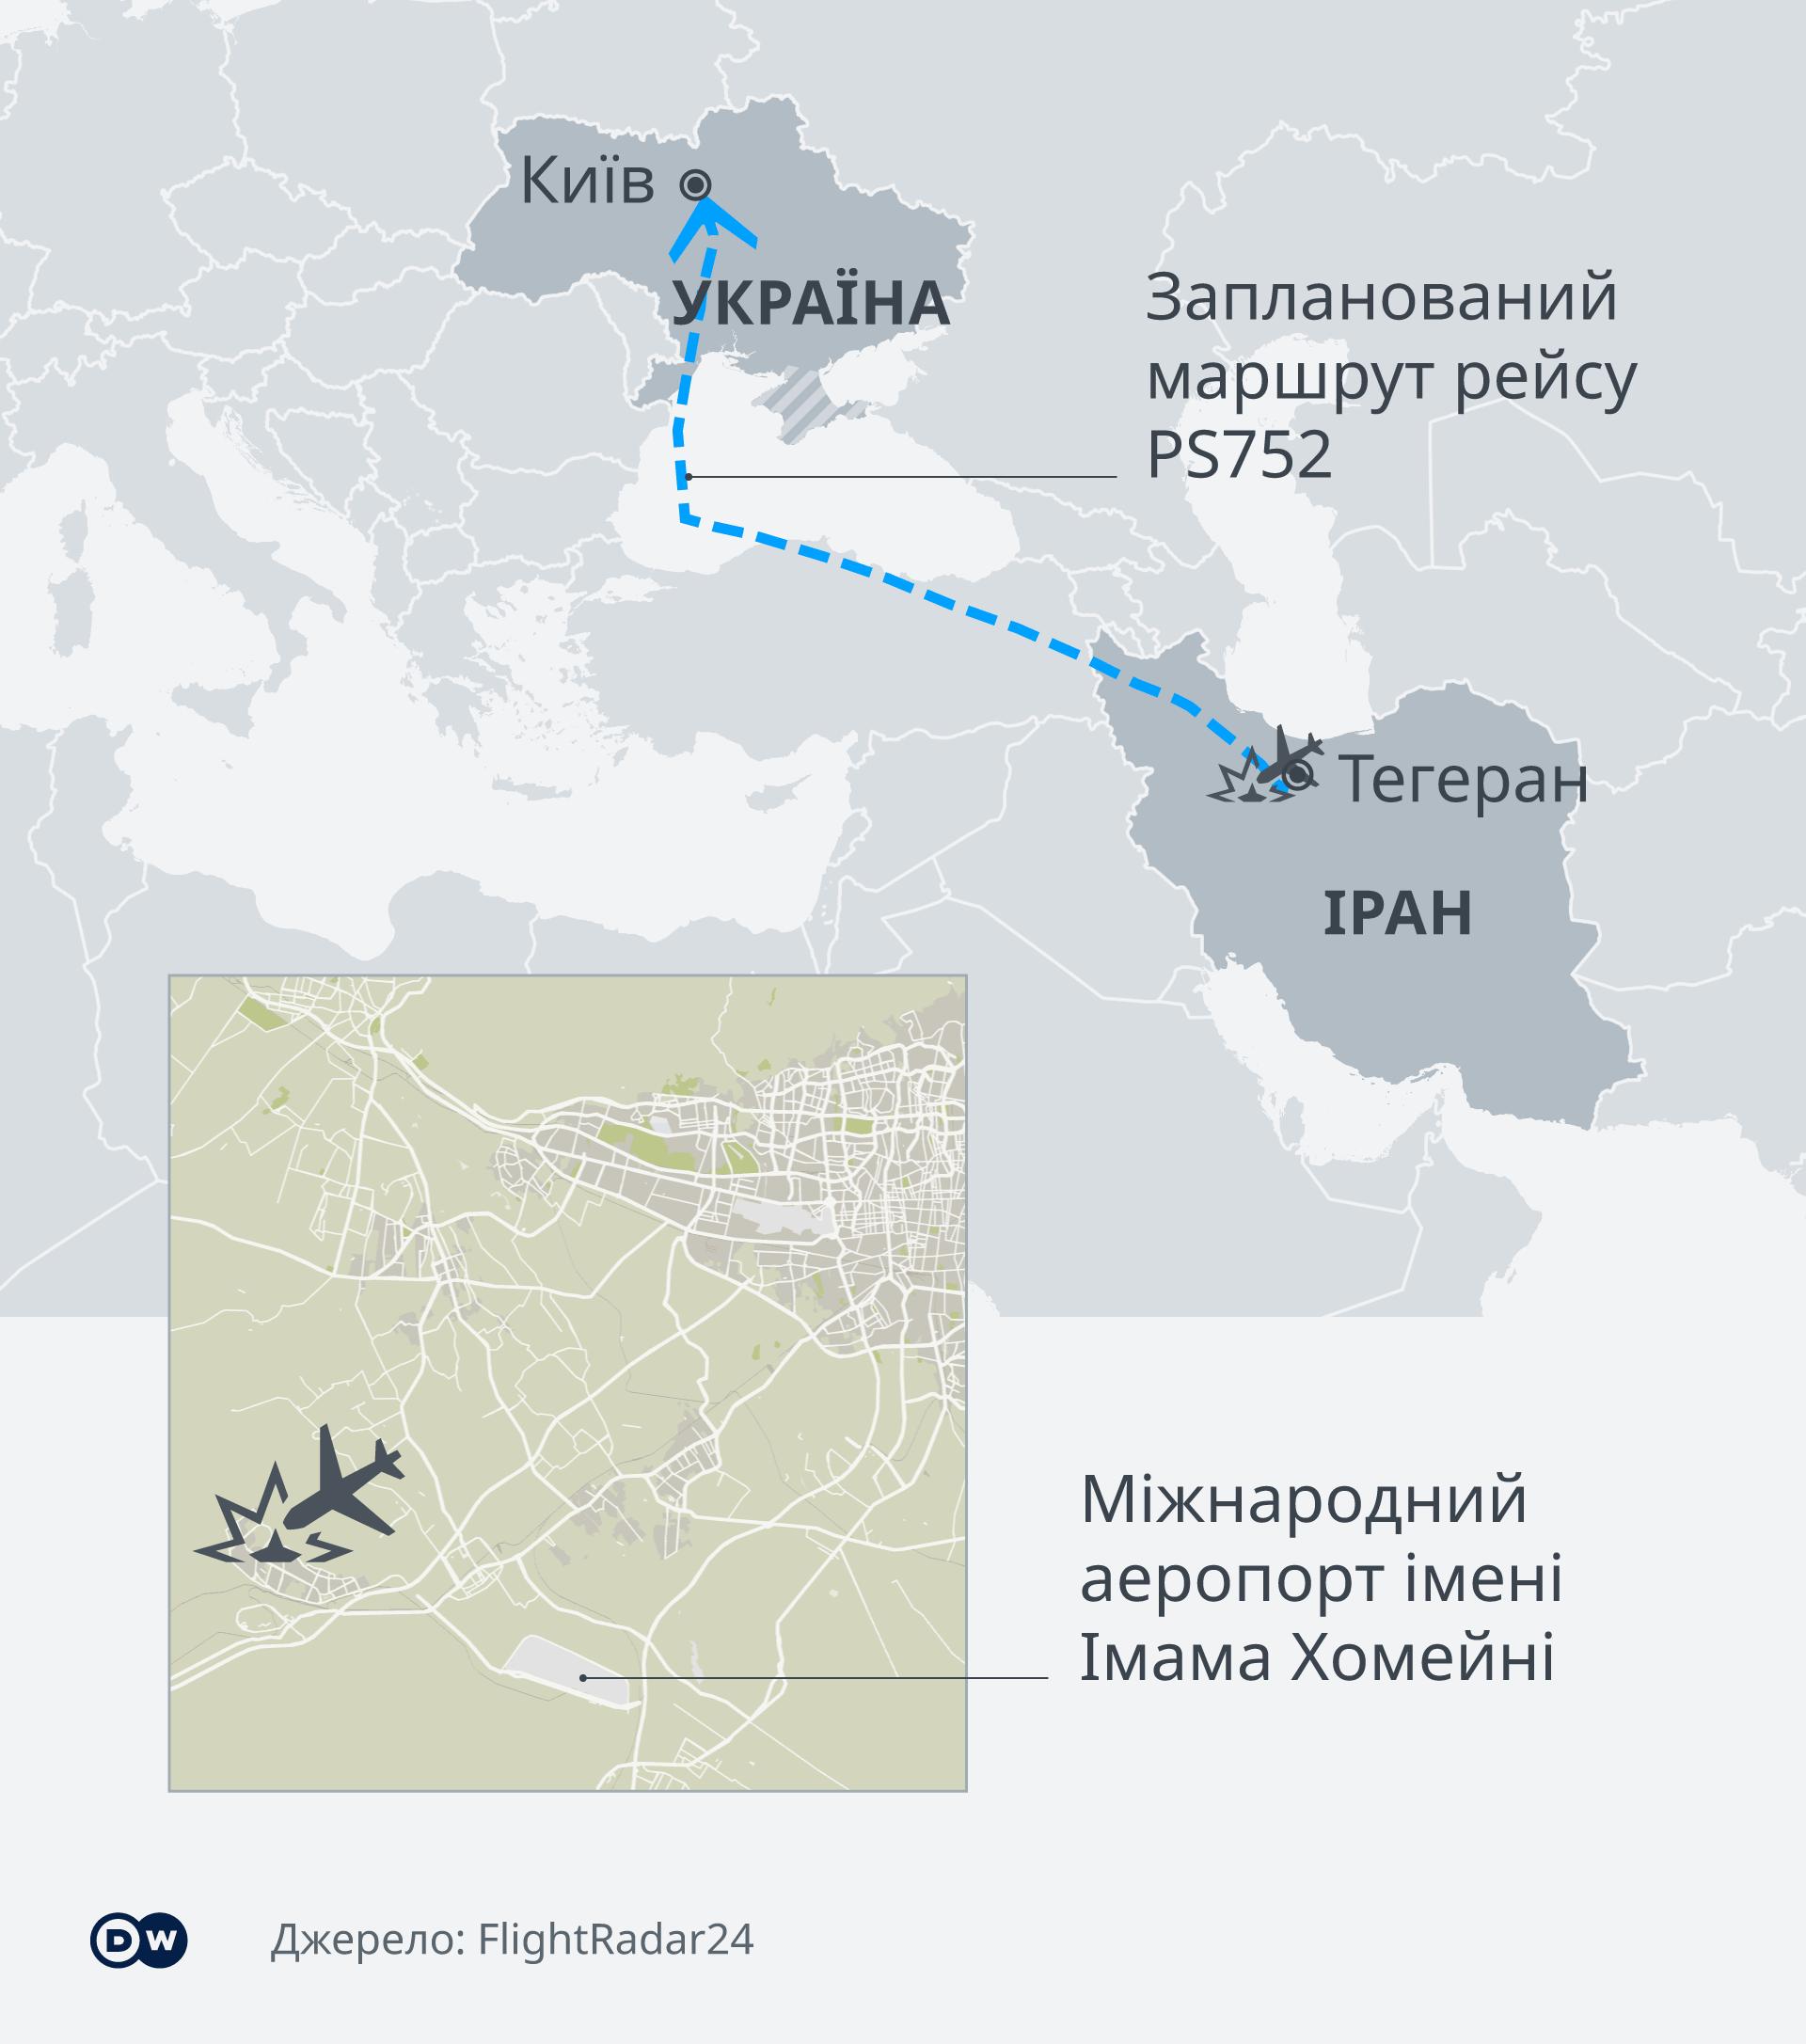 Карта з маршрутом польоту літака рейсу PS752 авіакомпанії Міжнародні авіалінії України